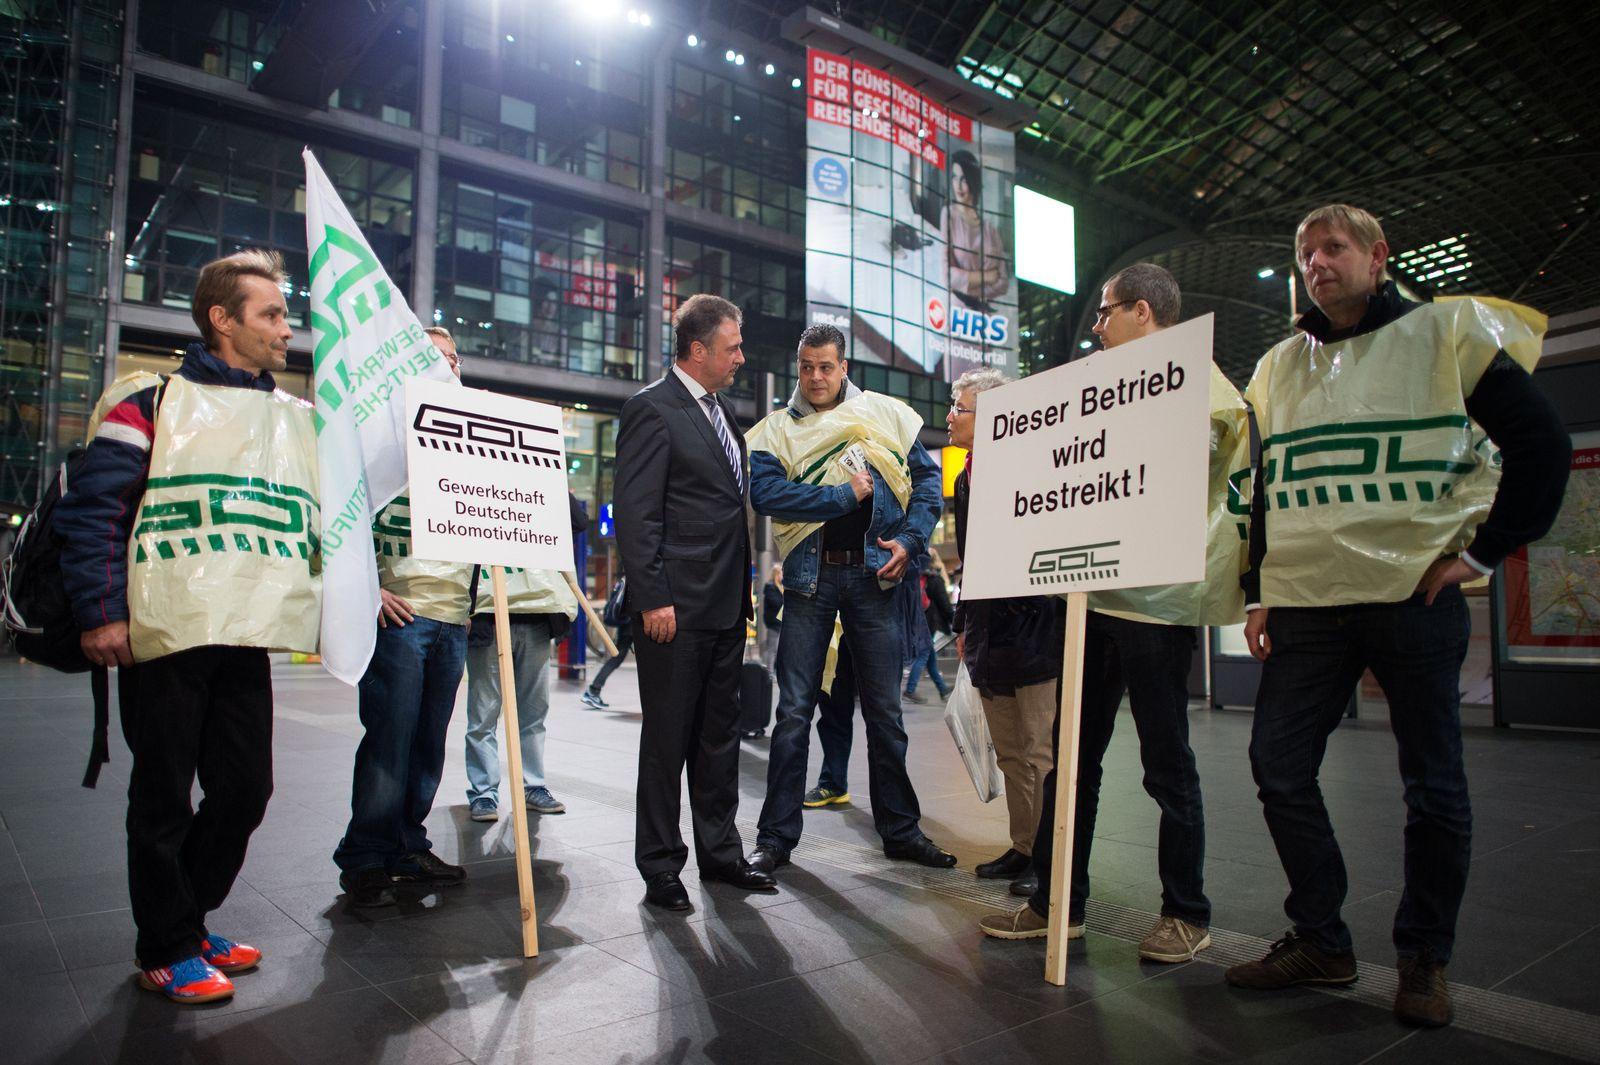 Lokführer-Streik bei der Bahn - Berlin